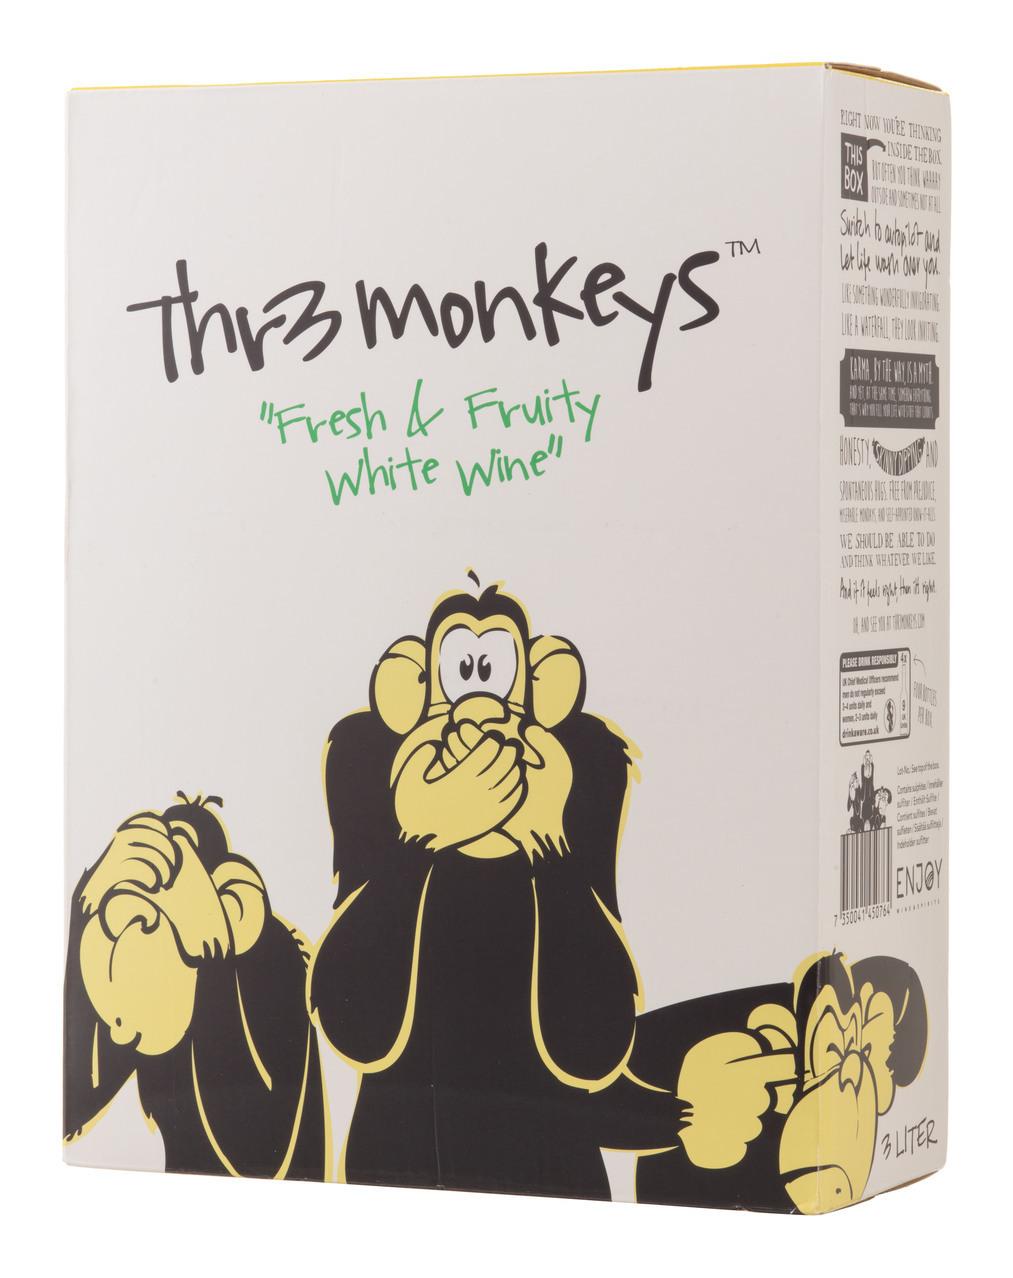 Thr3 Monkeys Fresh & Fruity White Wine